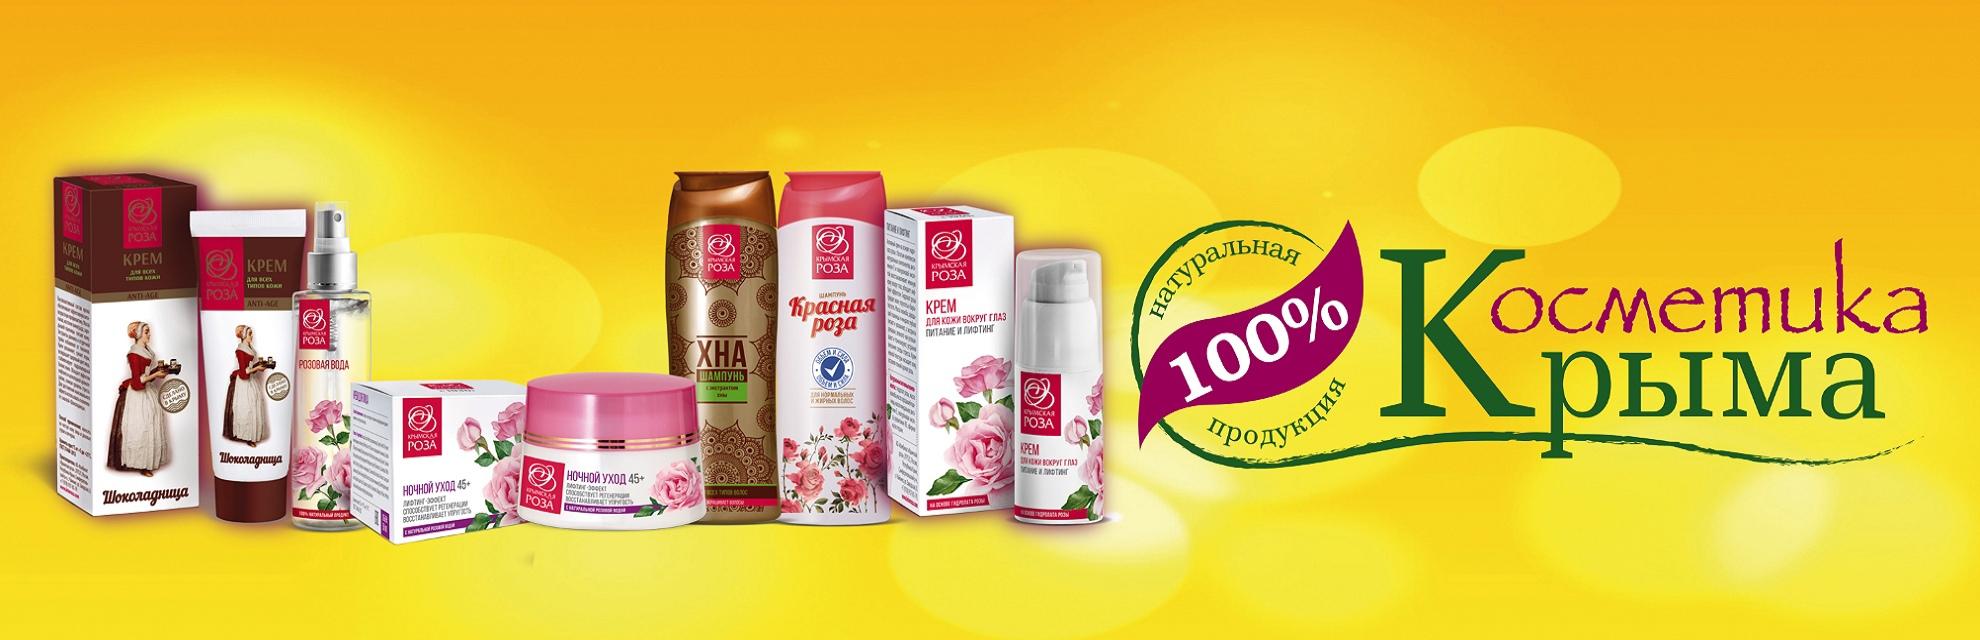 Doctor oil крымская косметика купить в ЕКб